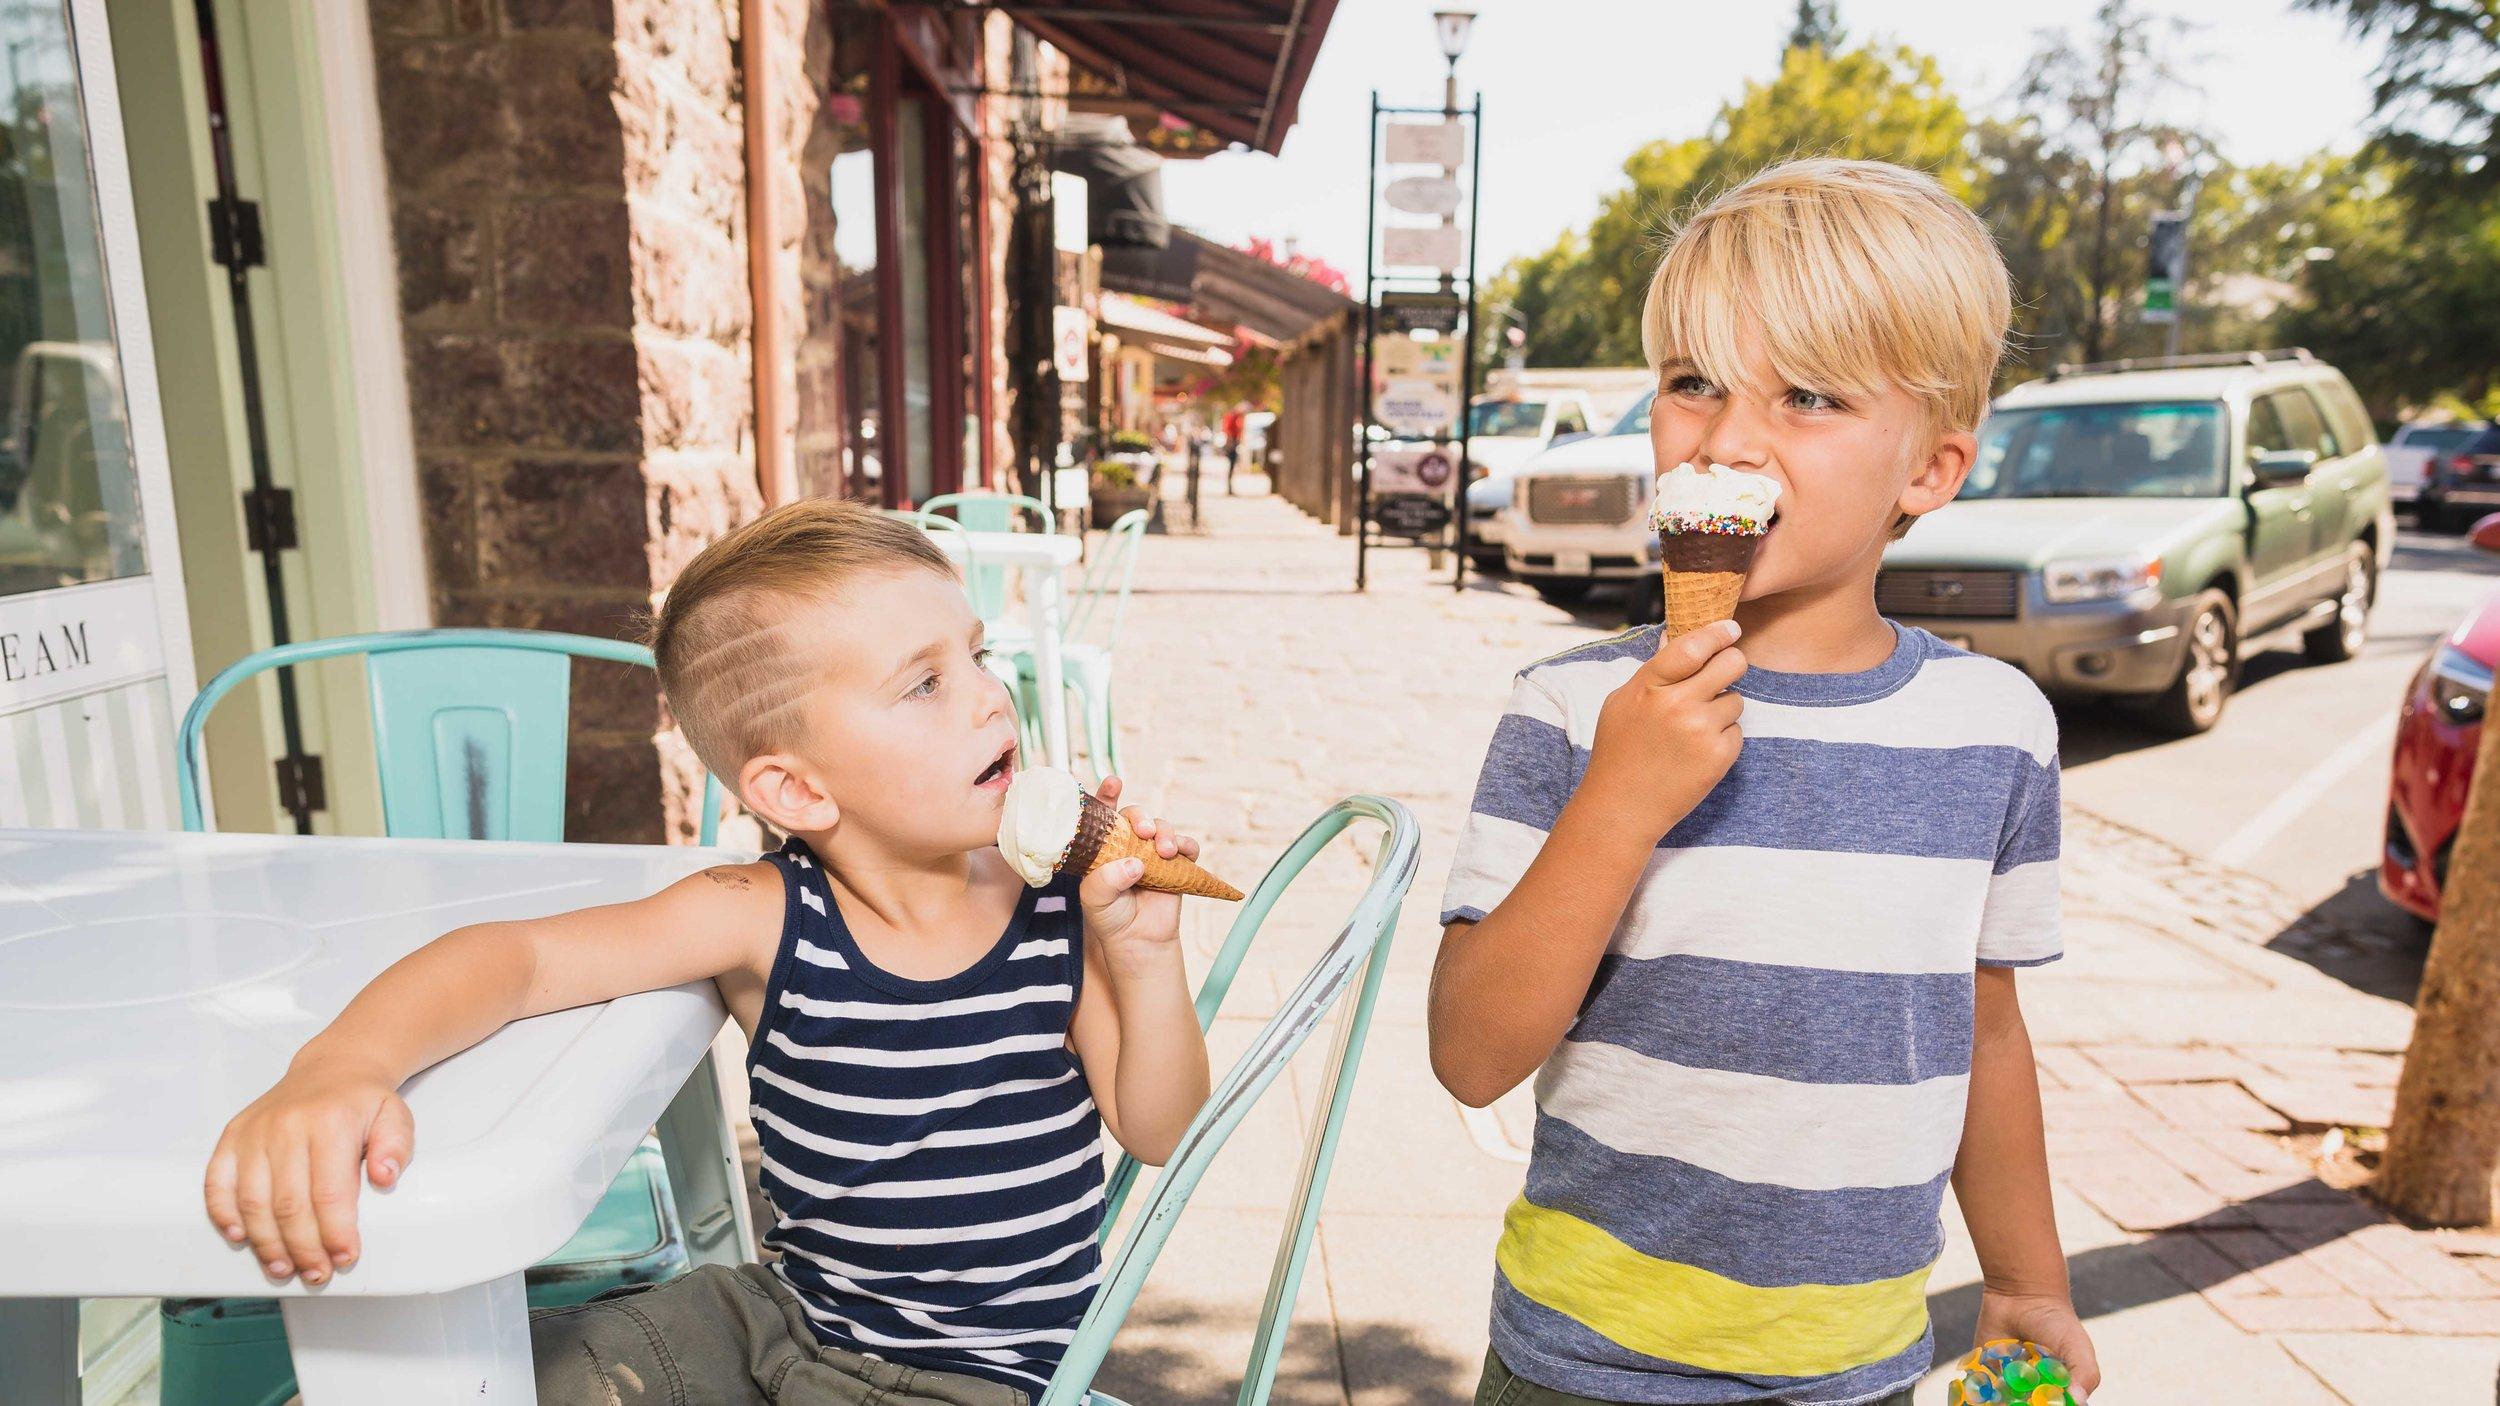 ice cream - please!